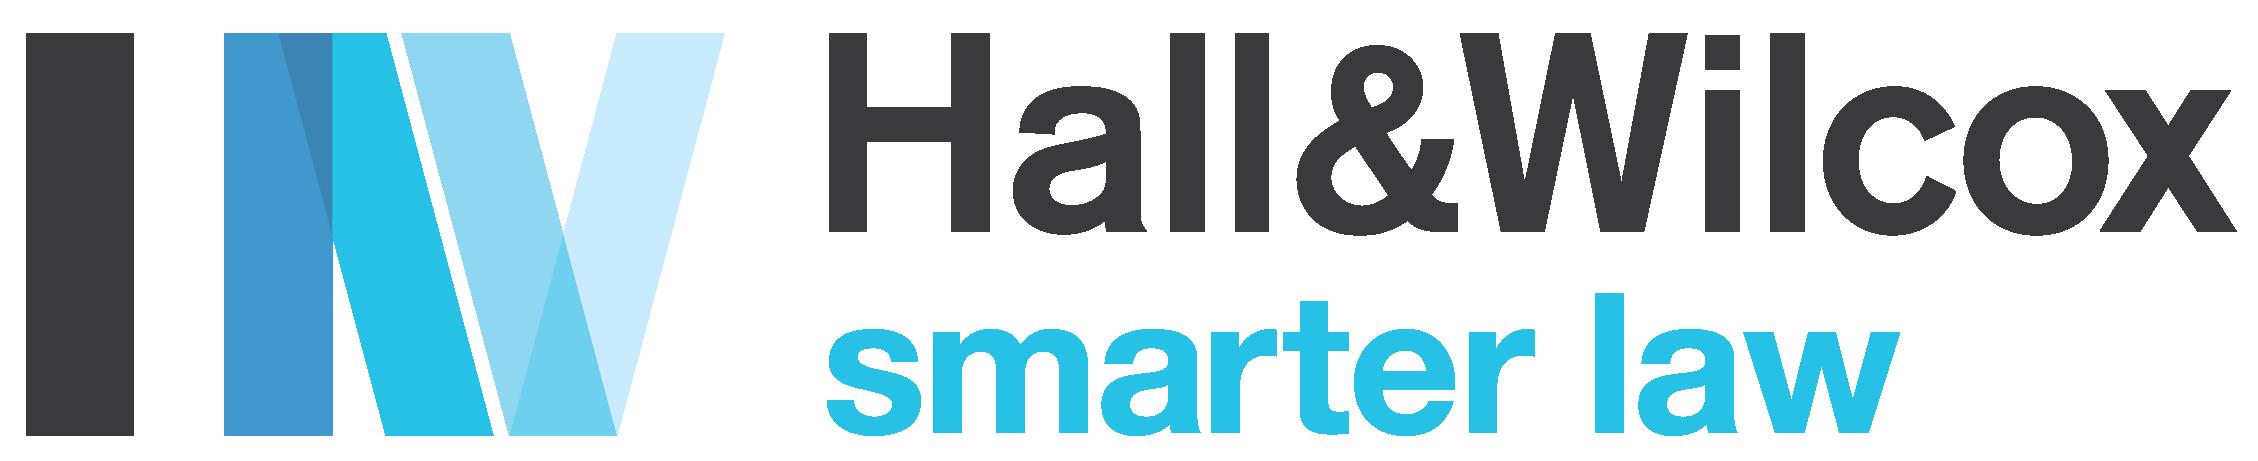 H&W_Smarter Law_RGB-300dpi